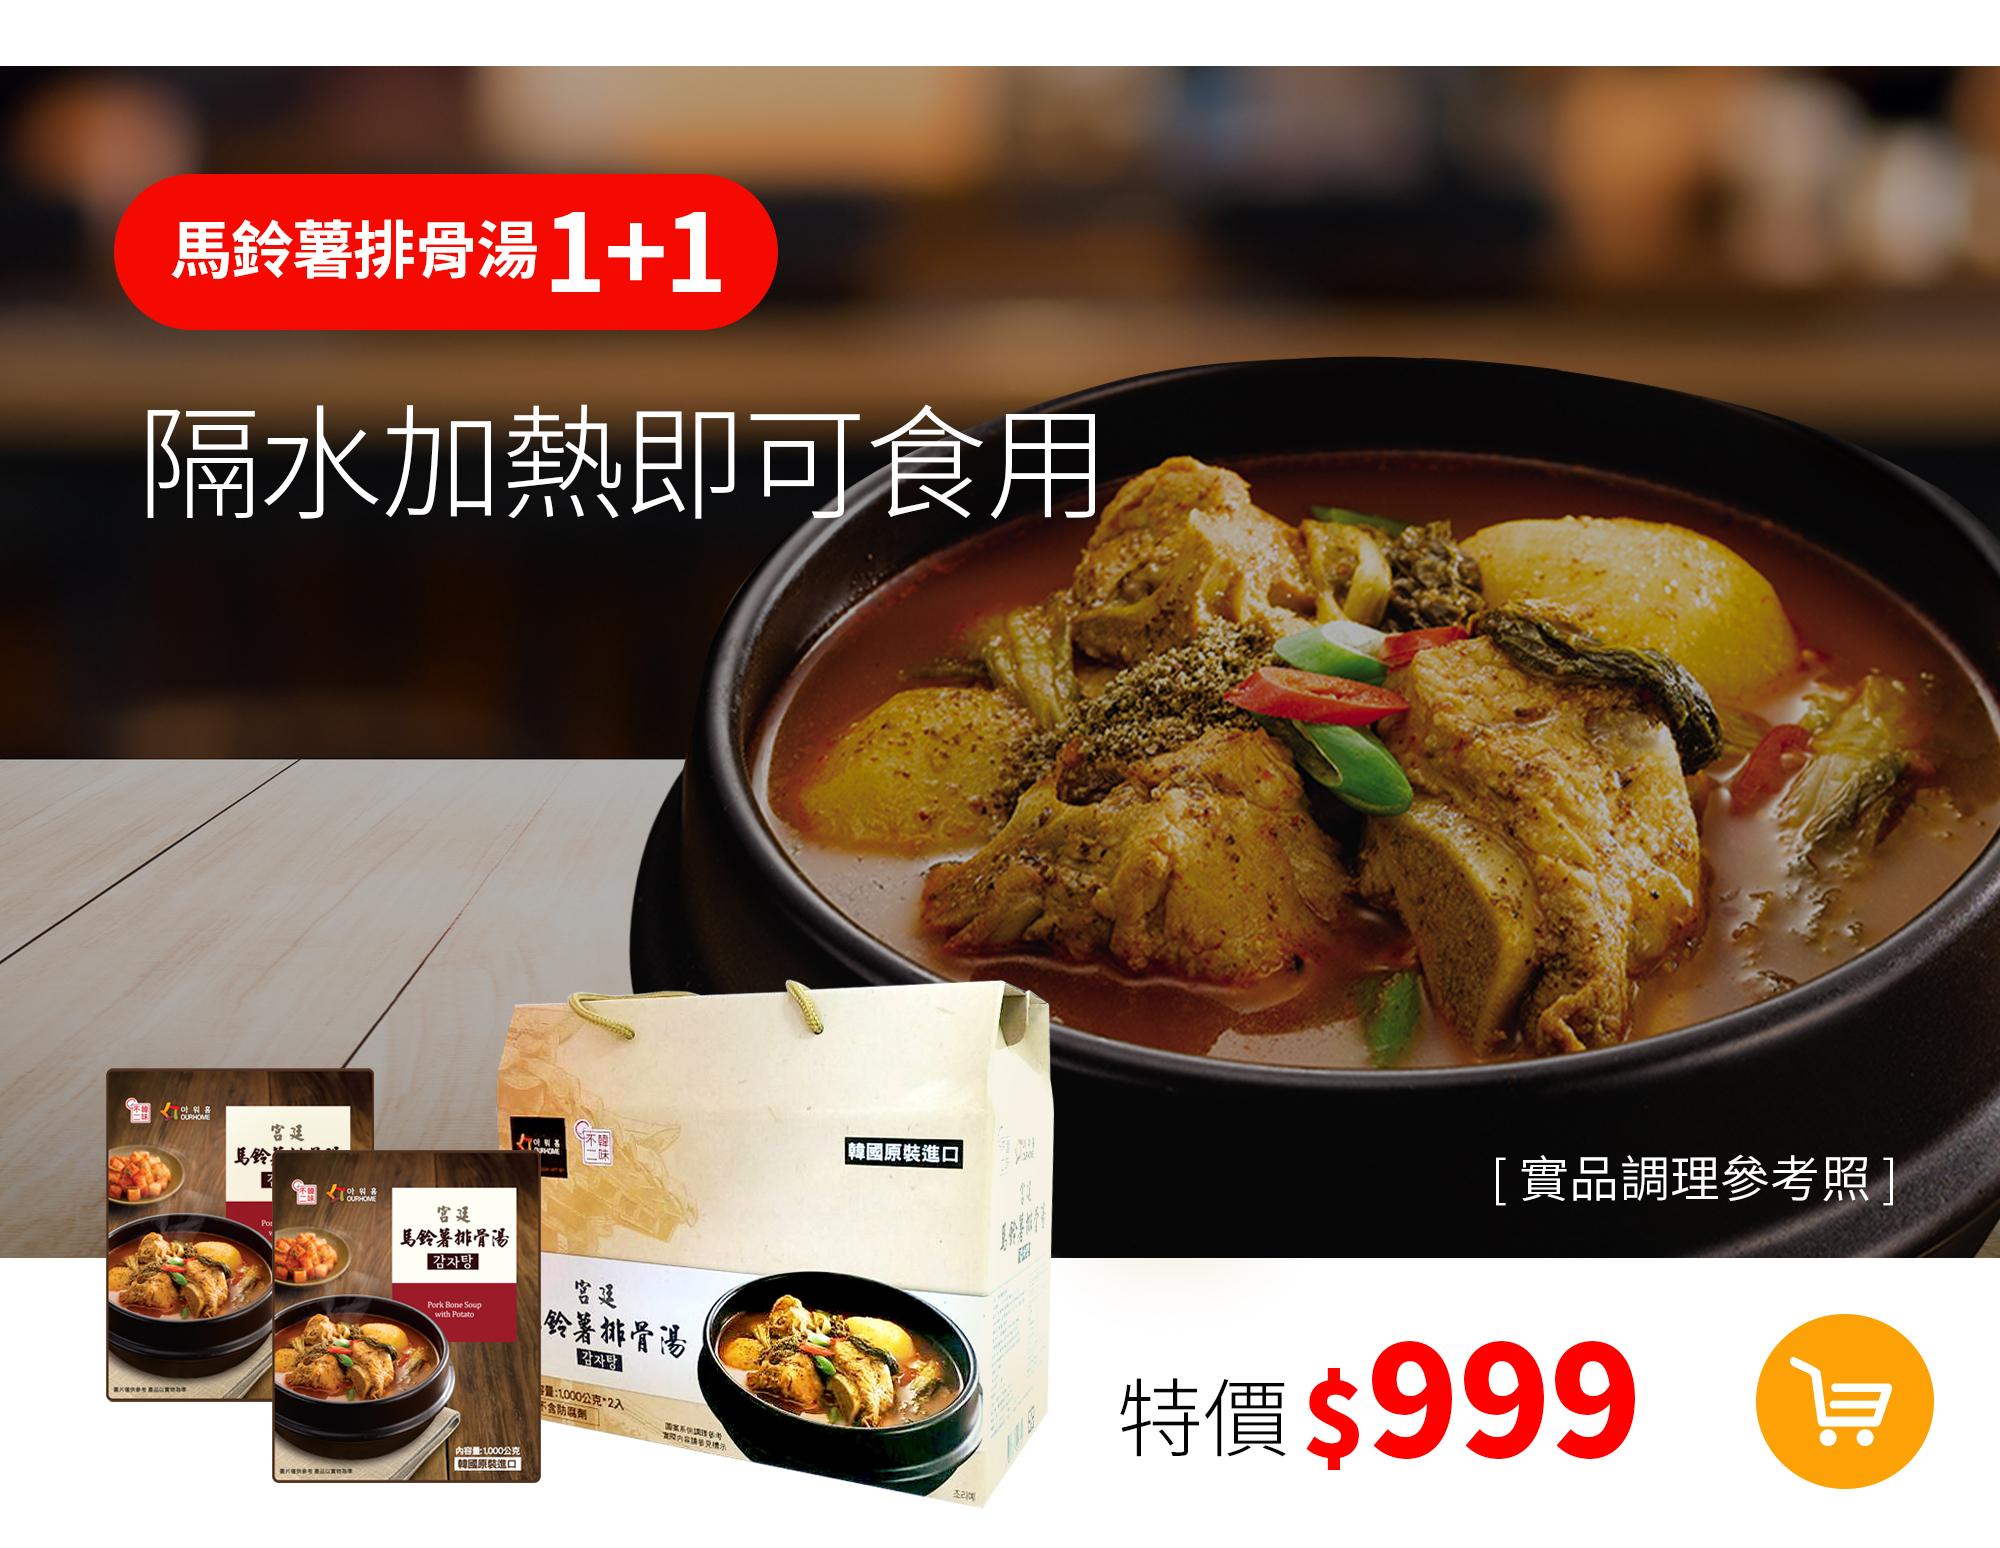 韓國經典湯品~快速上桌的美味